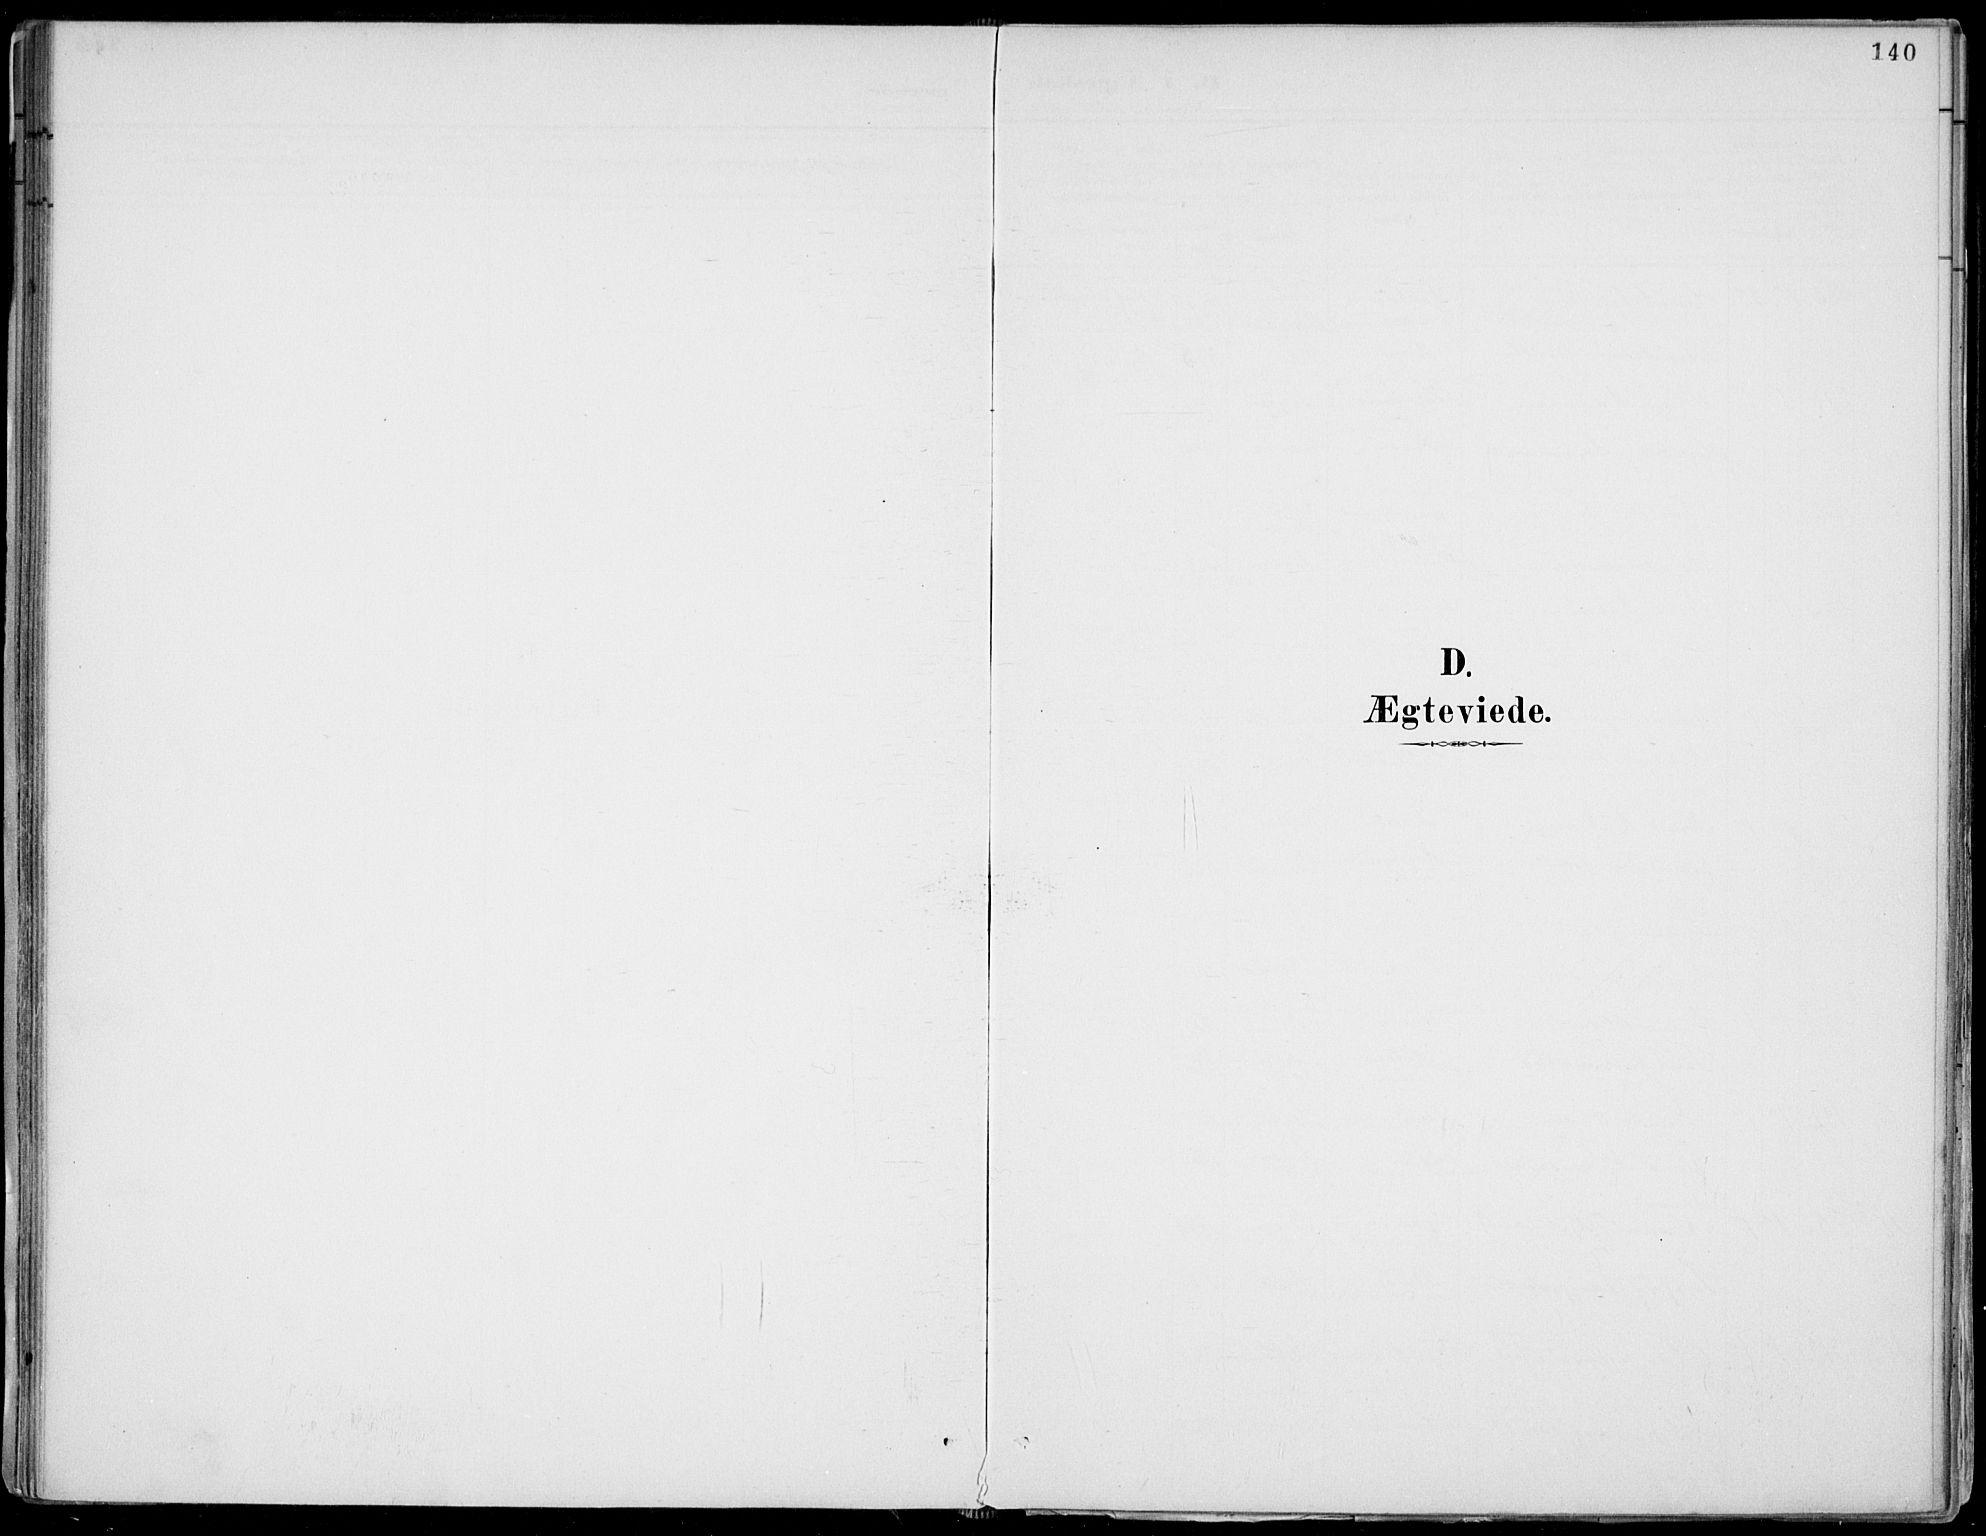 SAKO, Fyresdal kirkebøker, F/Fa/L0007: Ministerialbok nr. I 7, 1887-1914, s. 140